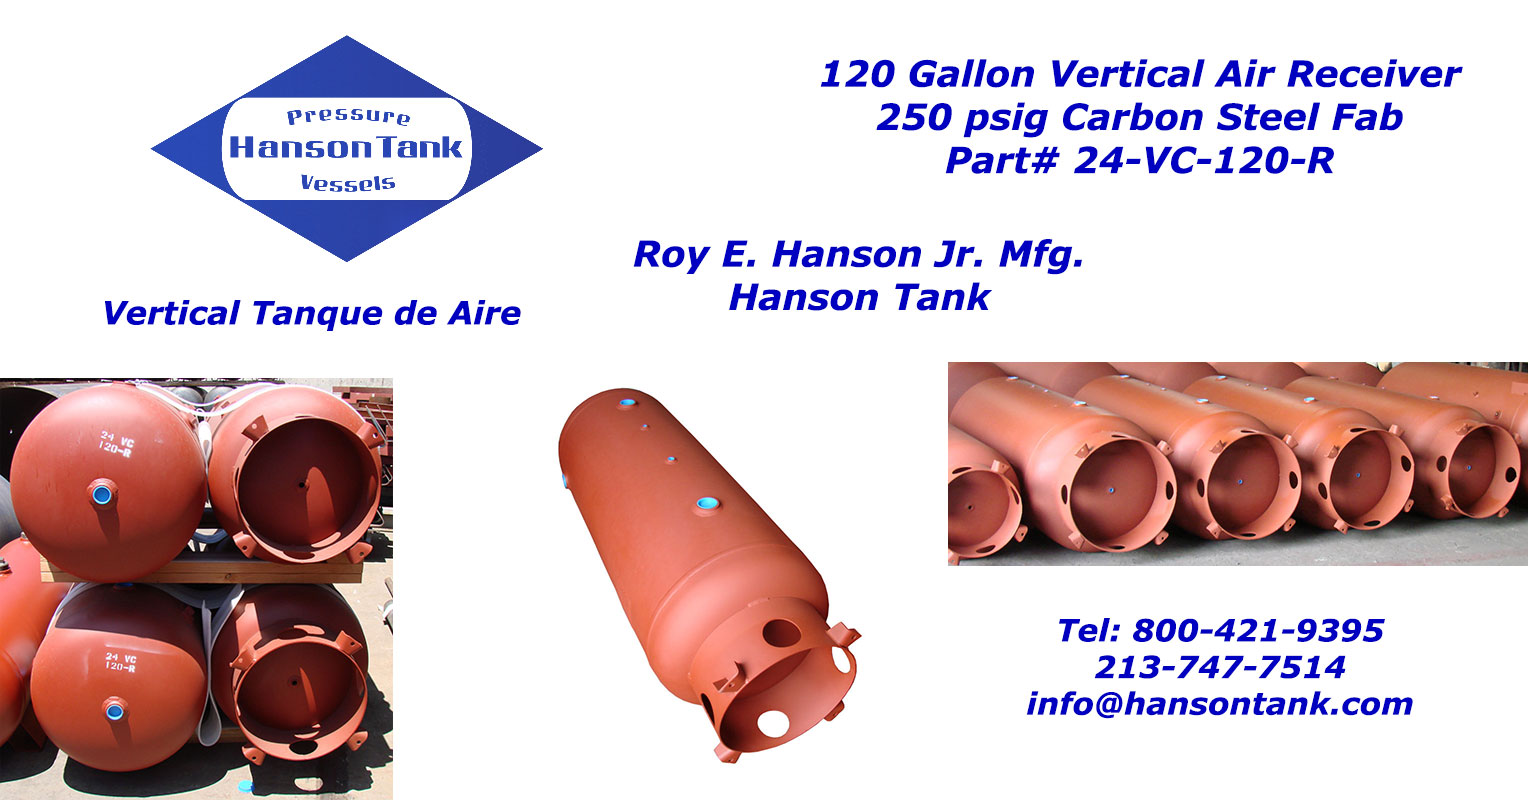 24-VC-120-R air receivers